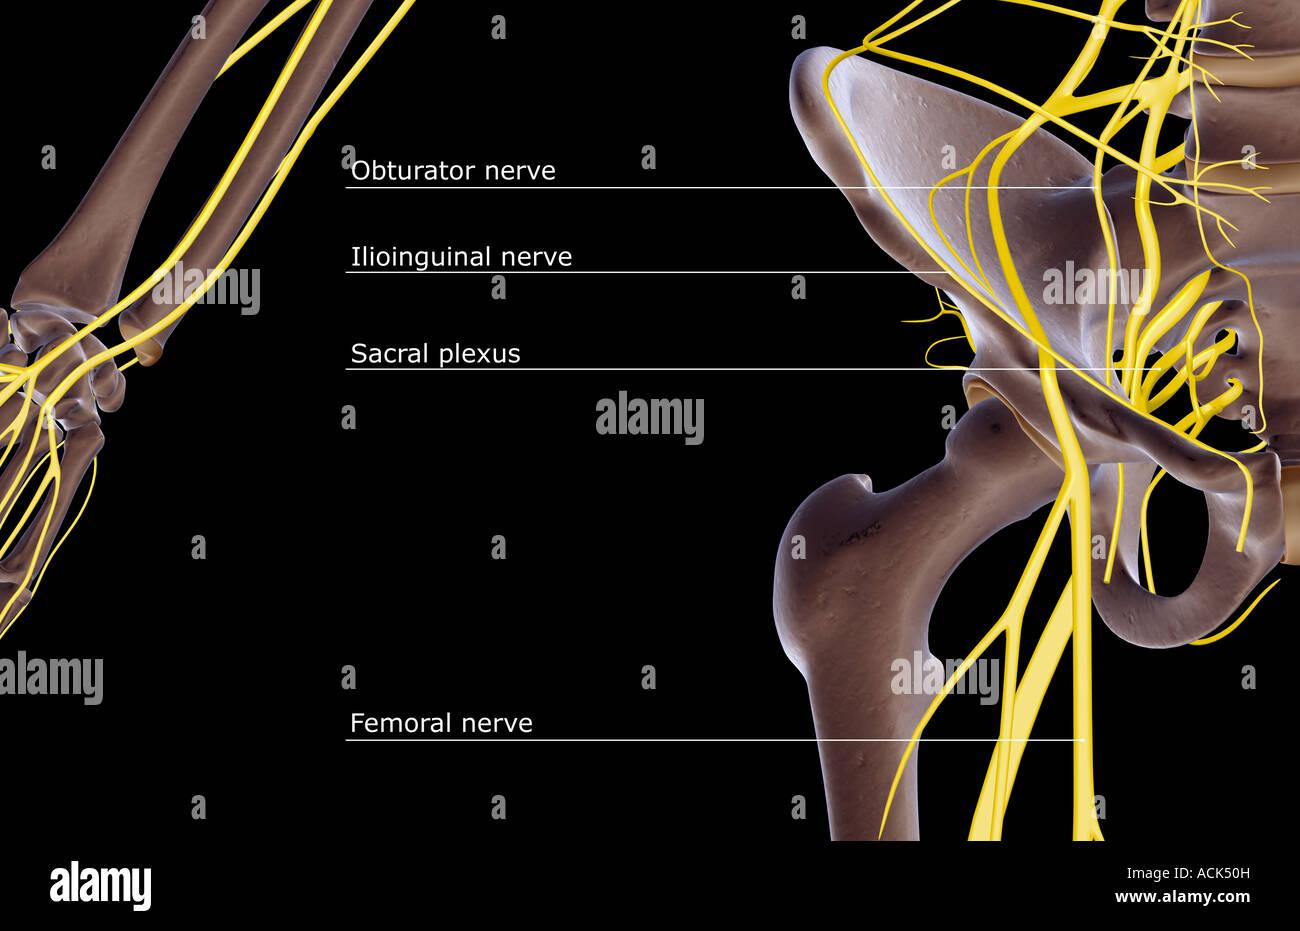 Ungewöhnlich Nerven Galerie - Anatomie Und Physiologie Knochen ...